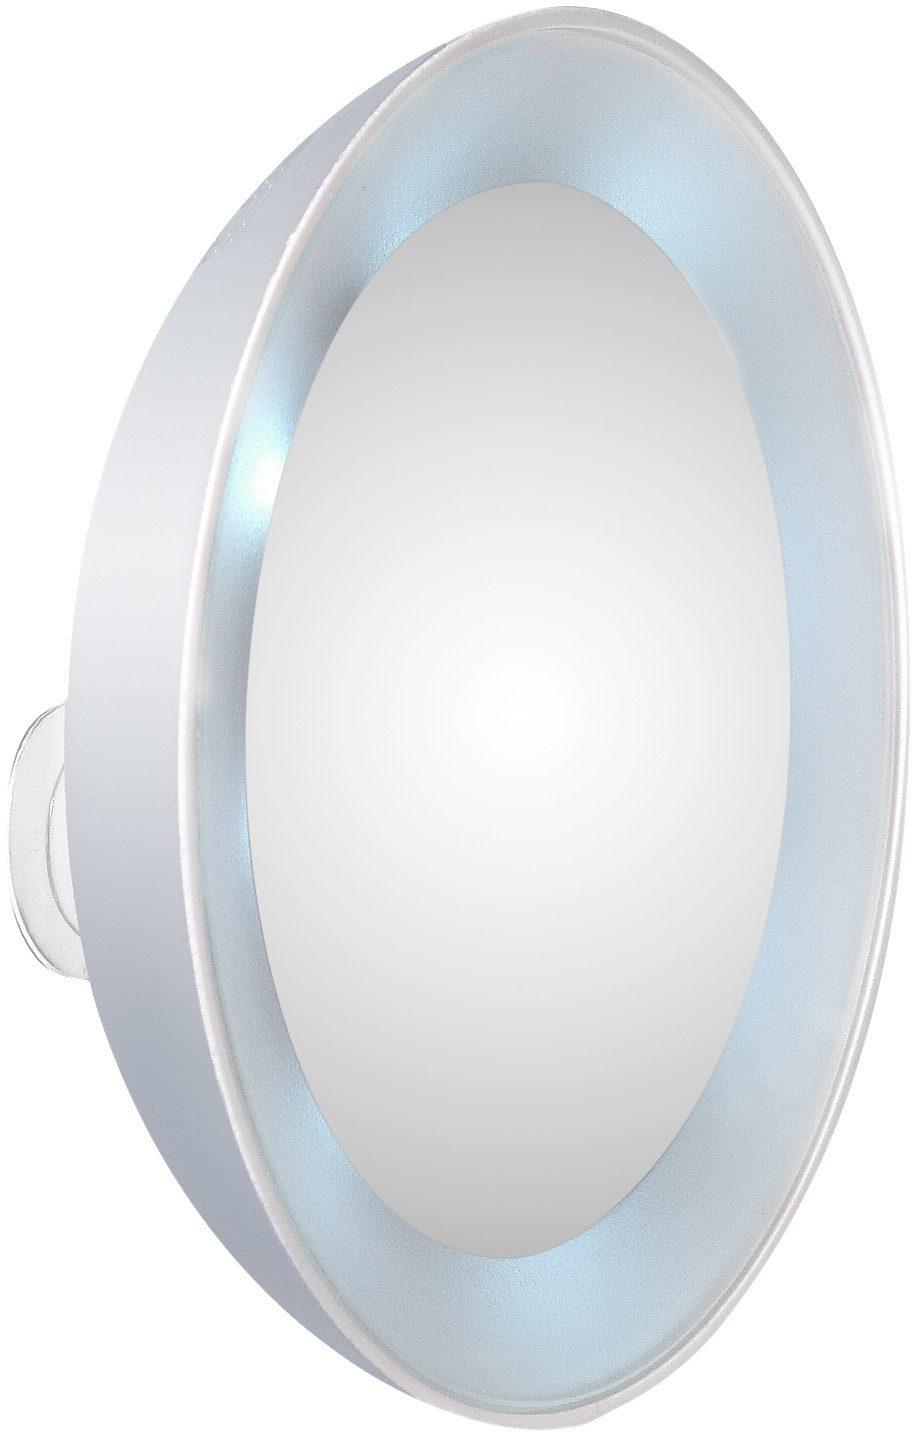 Tweezerman Vergrößerungsspiegel 15-fach mit LED-Beleuchtung Kosmetikspiegel Preisvergleich